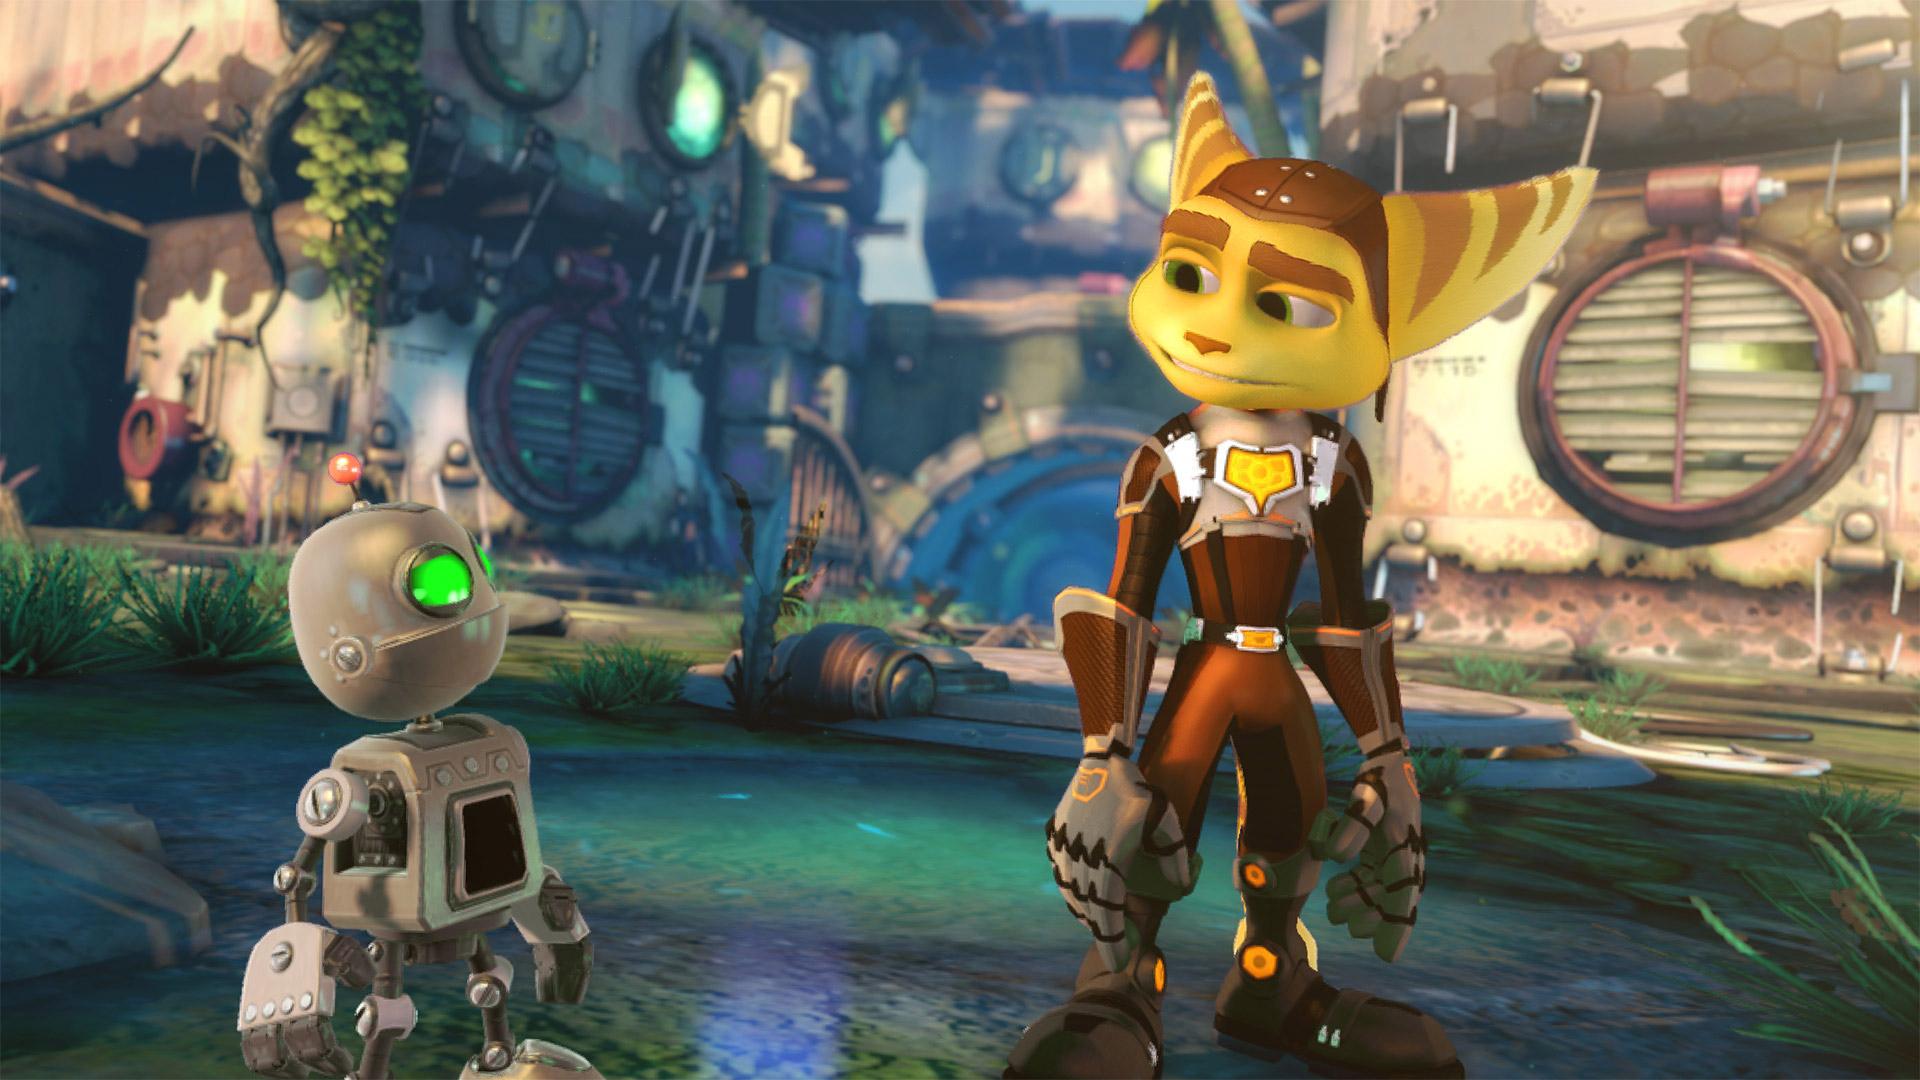 لعبة Ratchet & Clank تحتل صدارة أفضل 10 ألعاب مبيعياً ببريطانيا